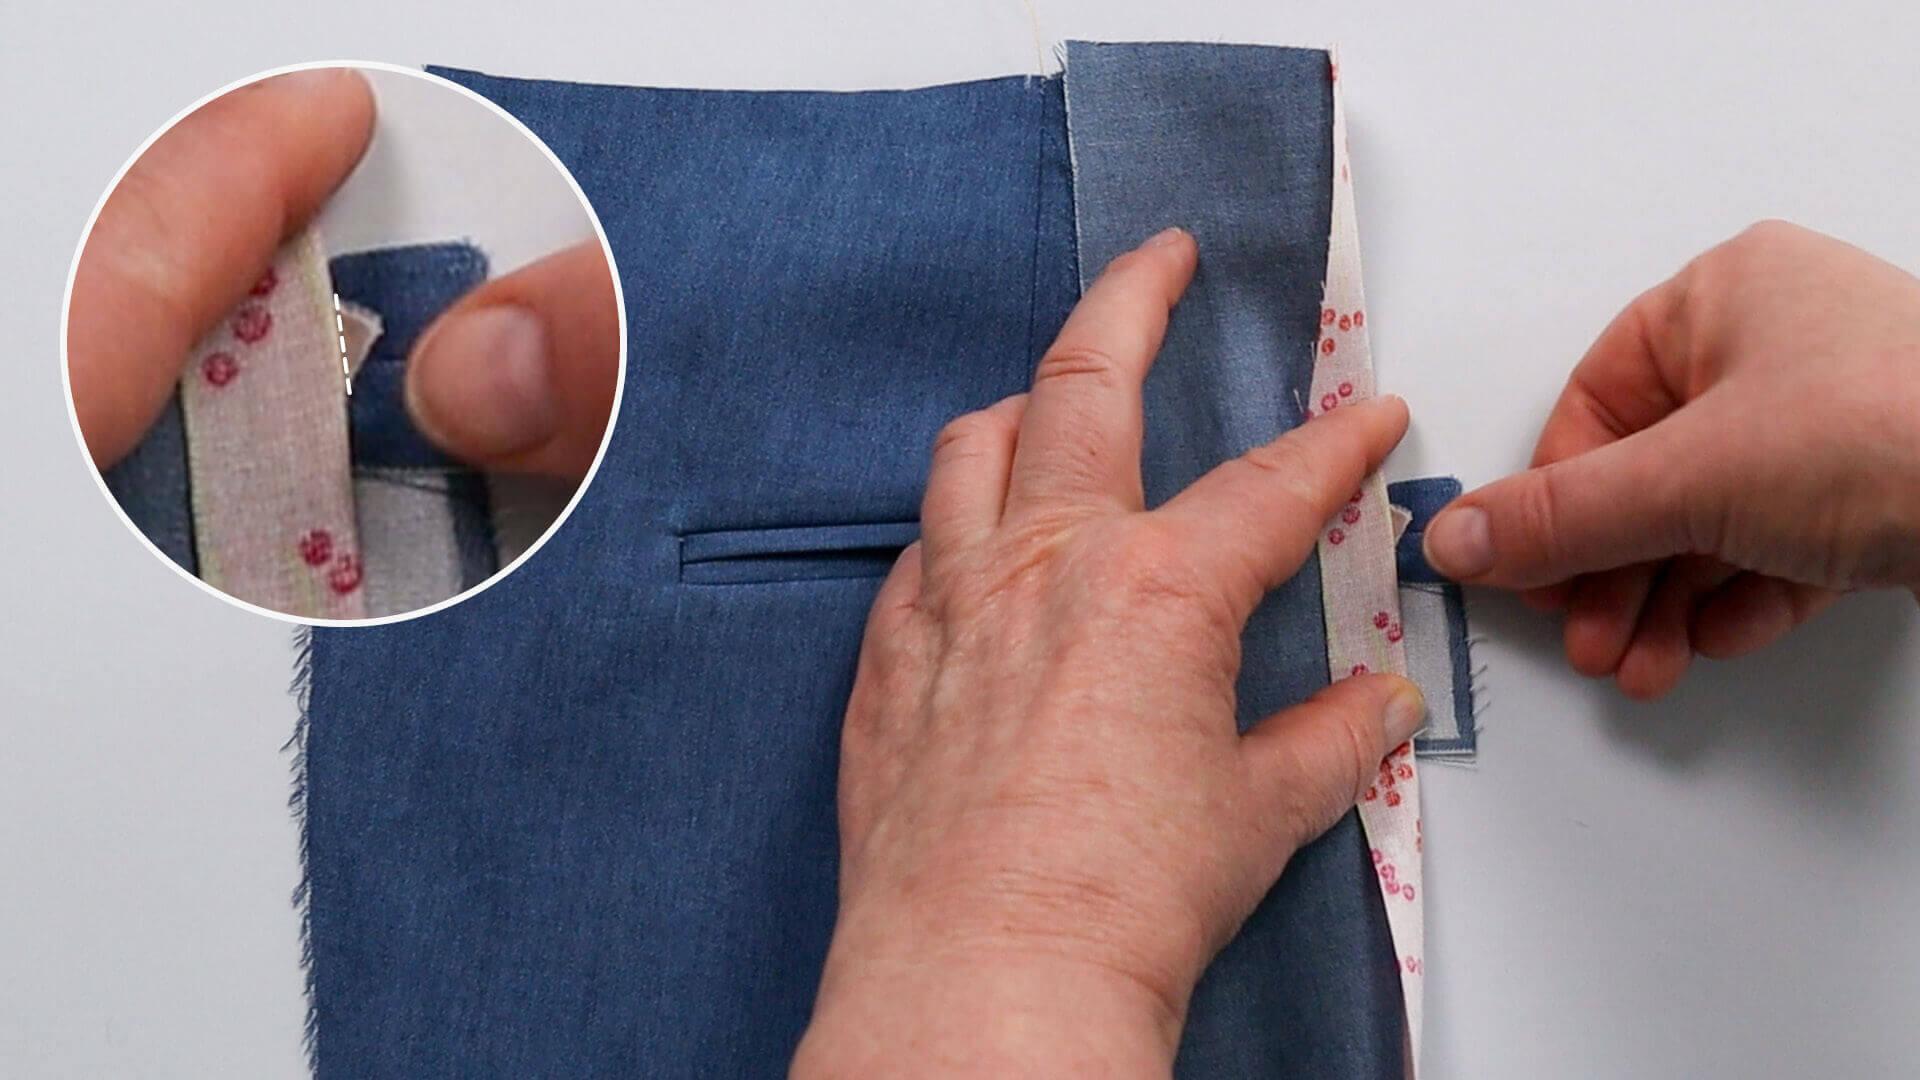 Anleitung Doppel Paspeltasche nähen- seitliche Tascheneinschnitte abnähen